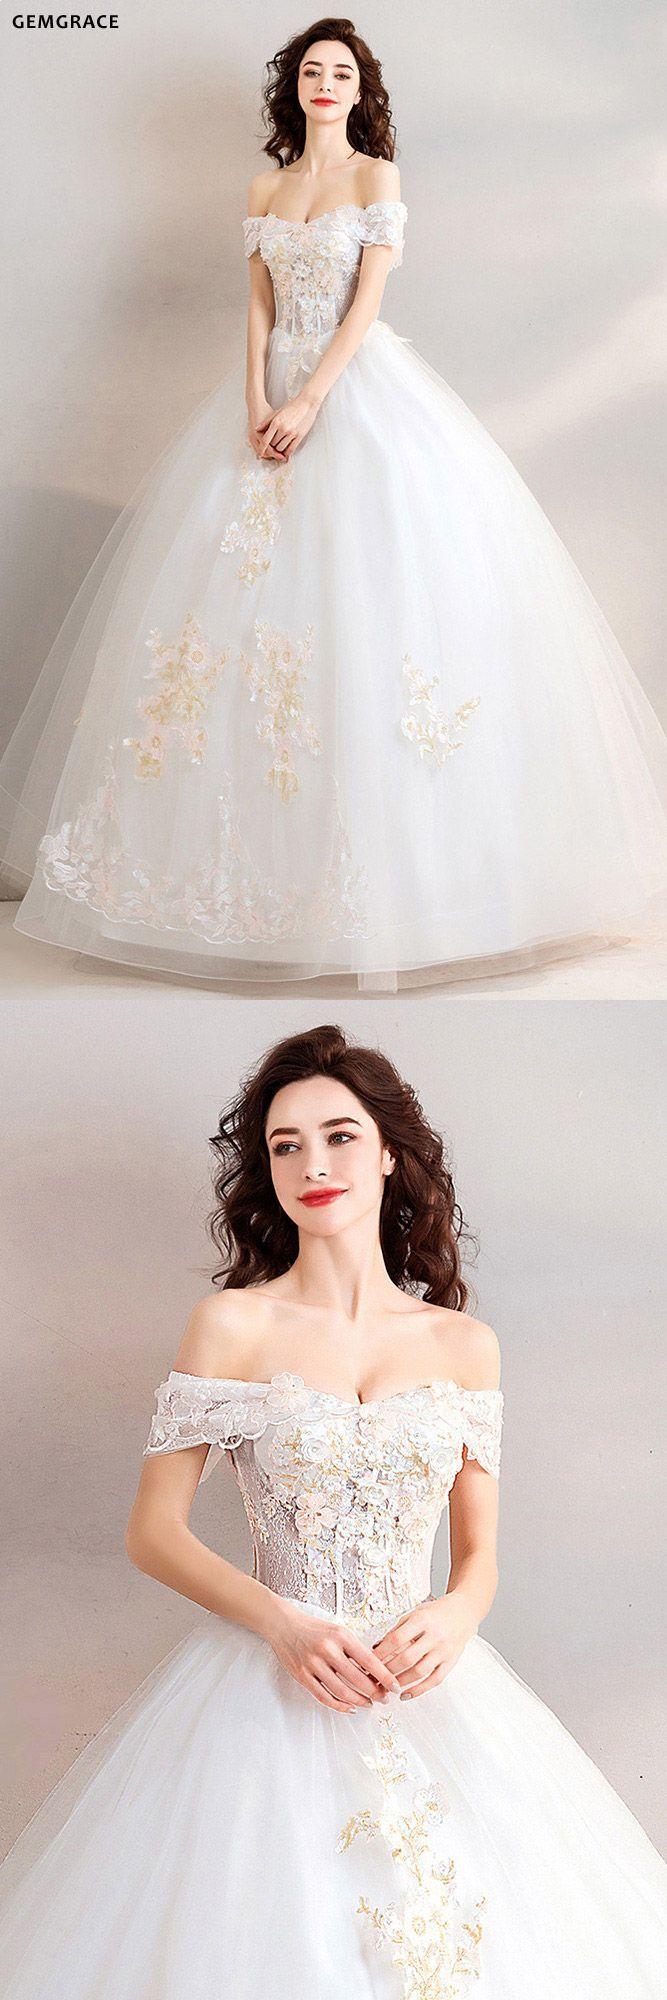 Elegant Off The Shoulder Wedding Dresses 3D Flora